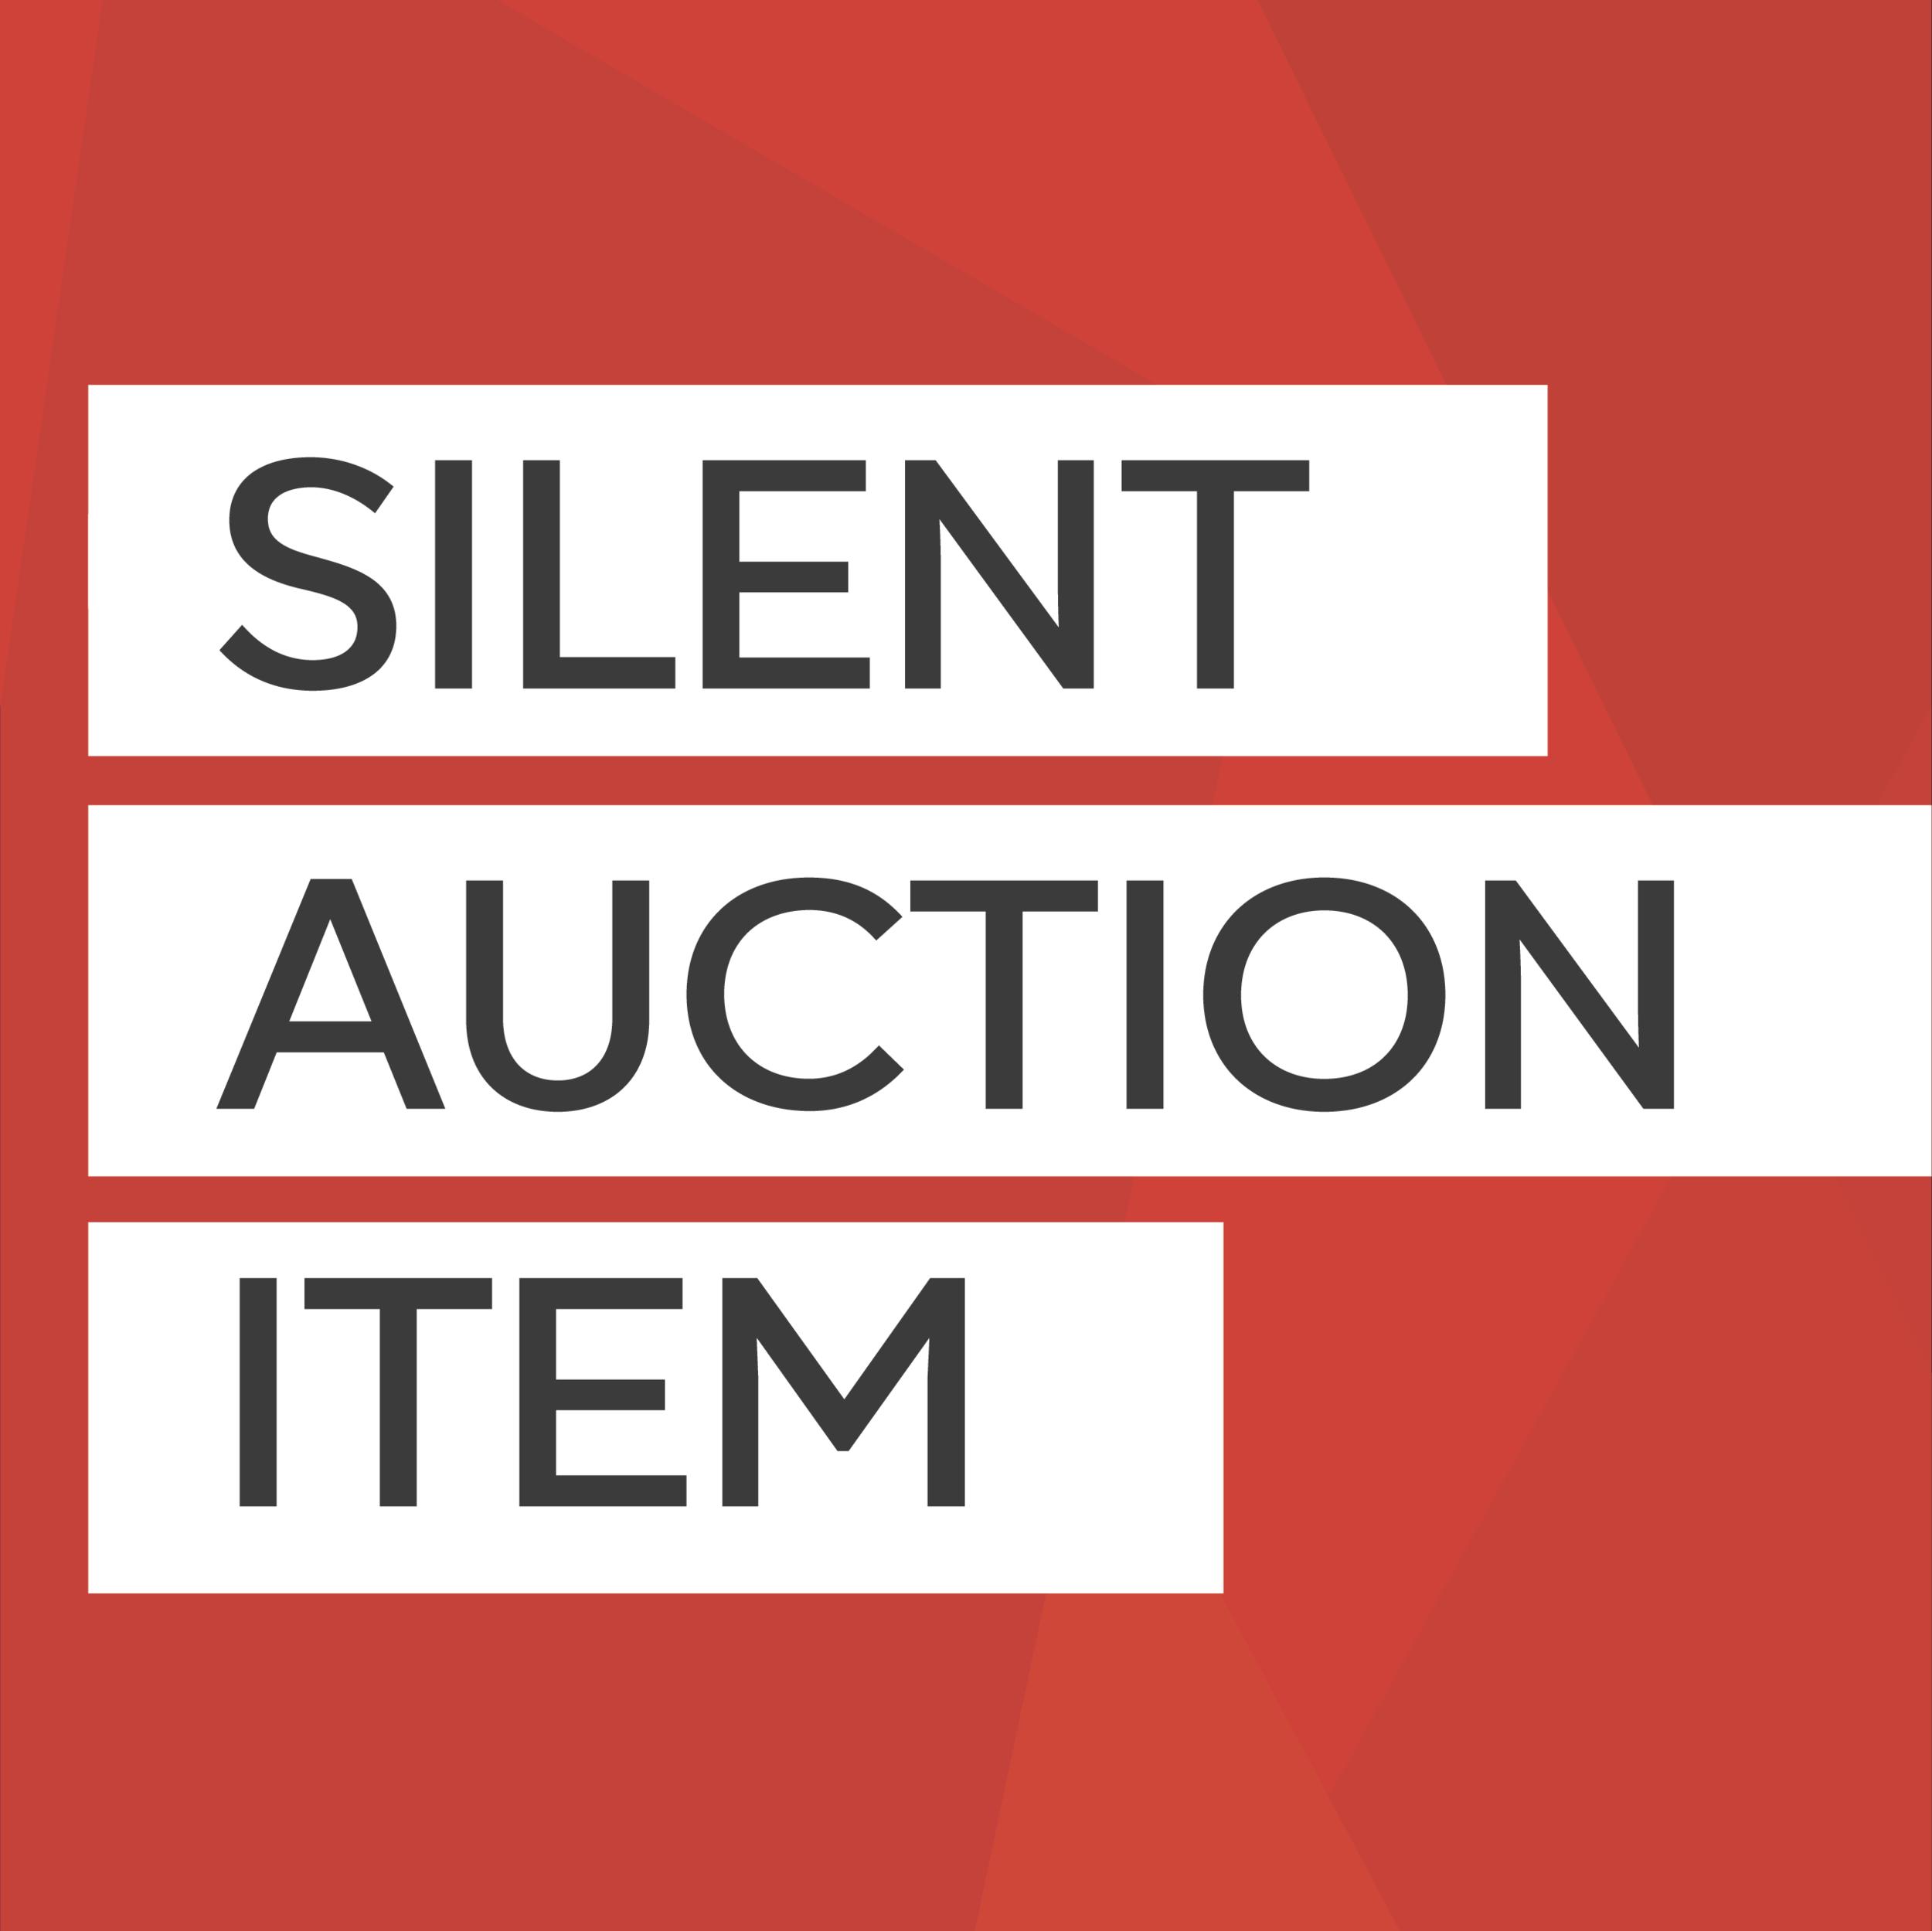 SILENT AUCTION ITEM-03.png